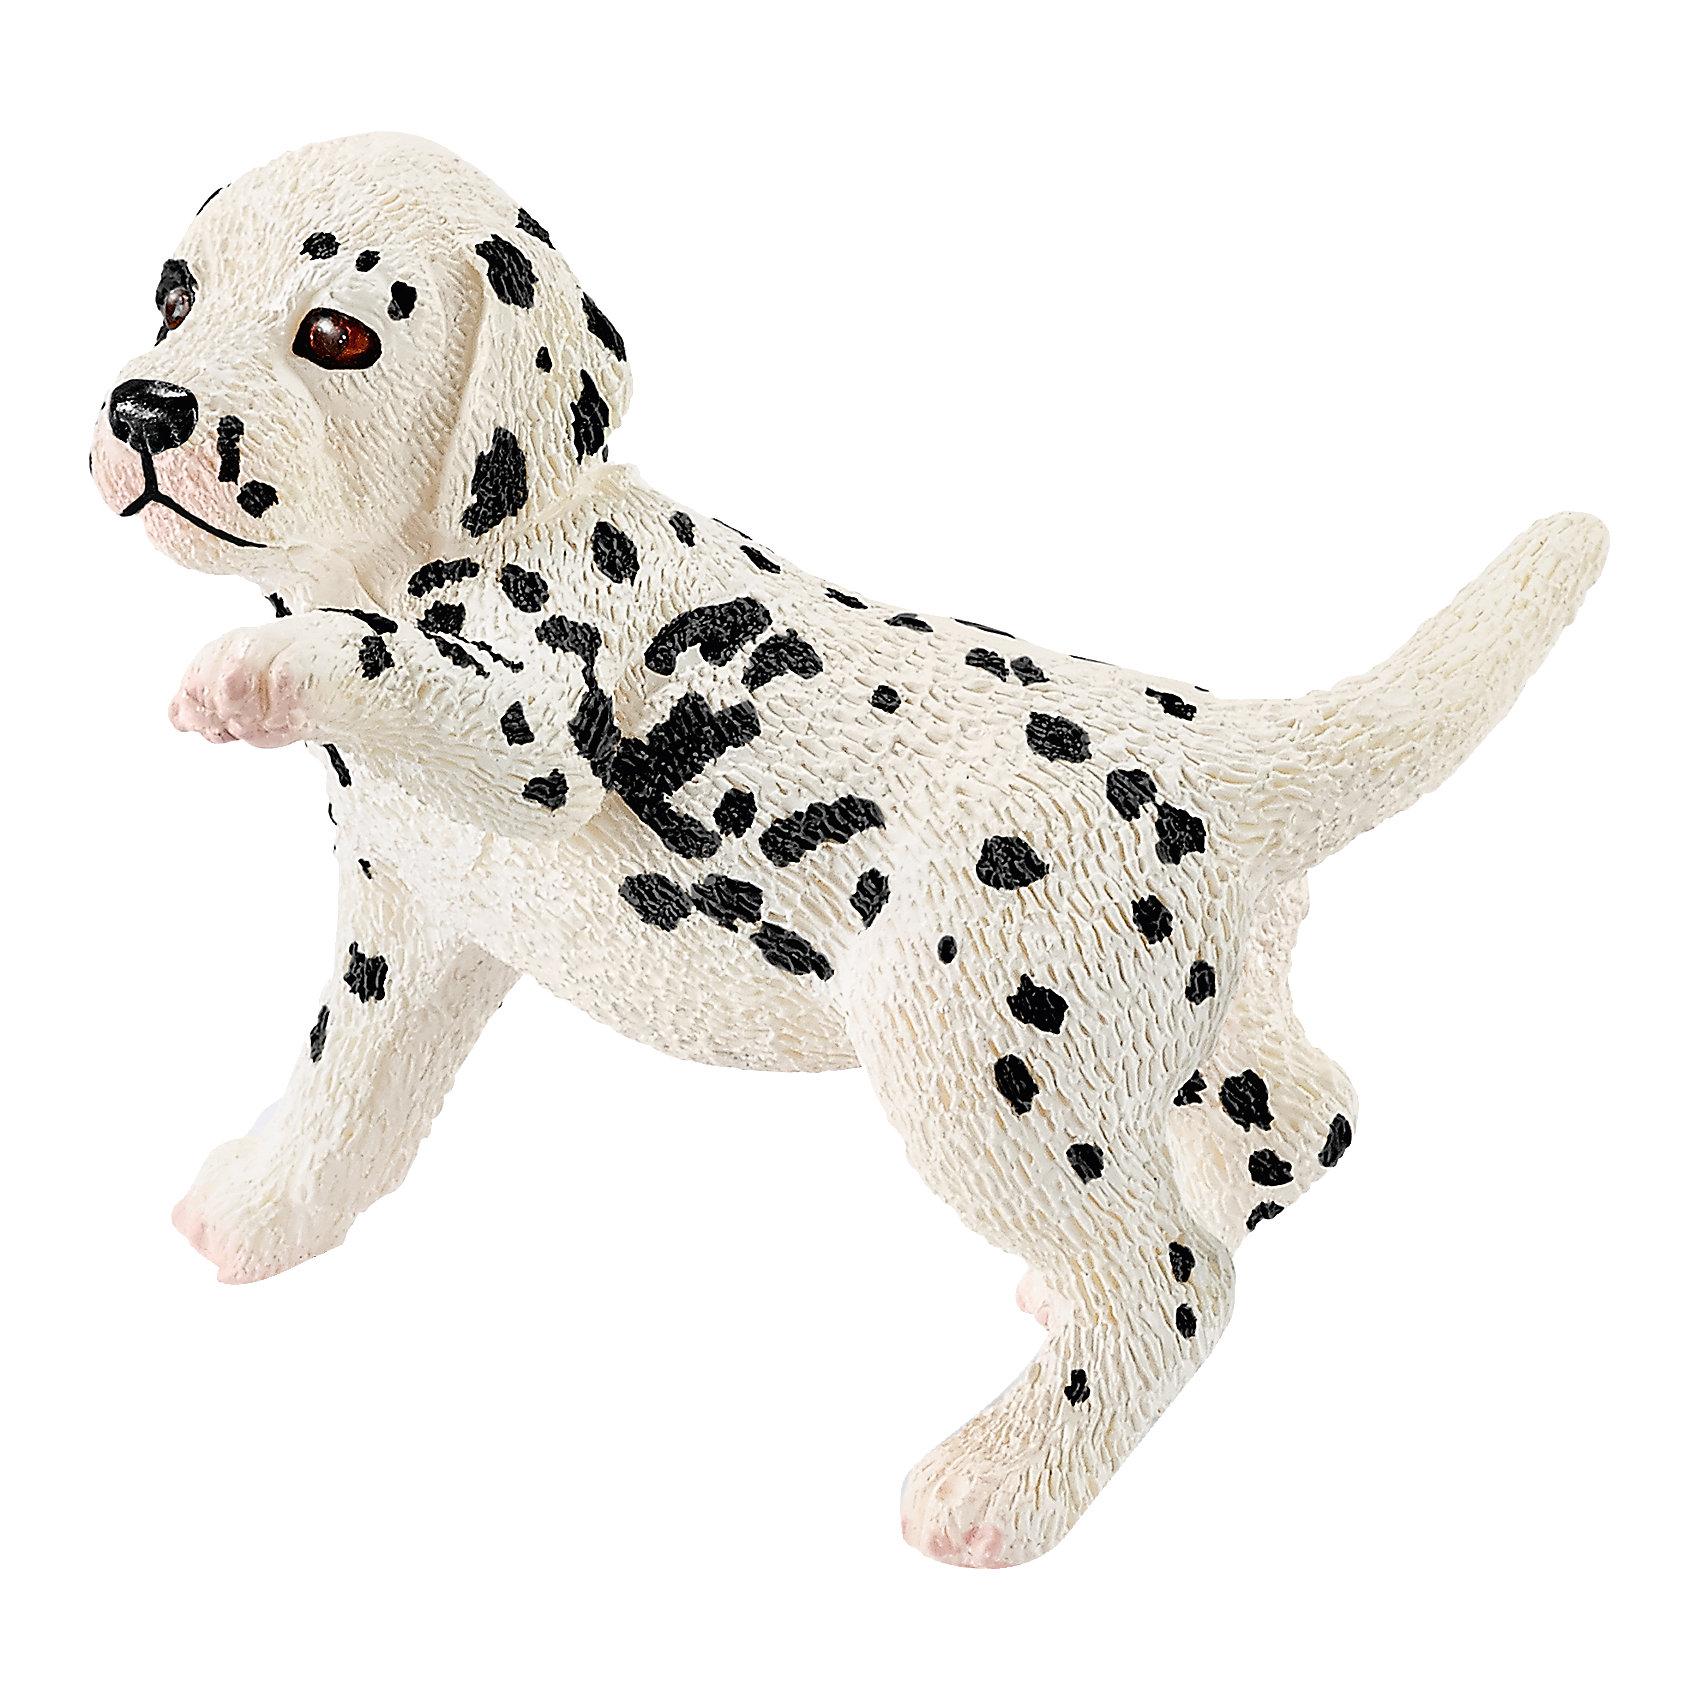 Schleich Далматин щенок, Schleich в каком магазине в бибирево можно купить дшево косметику dbib